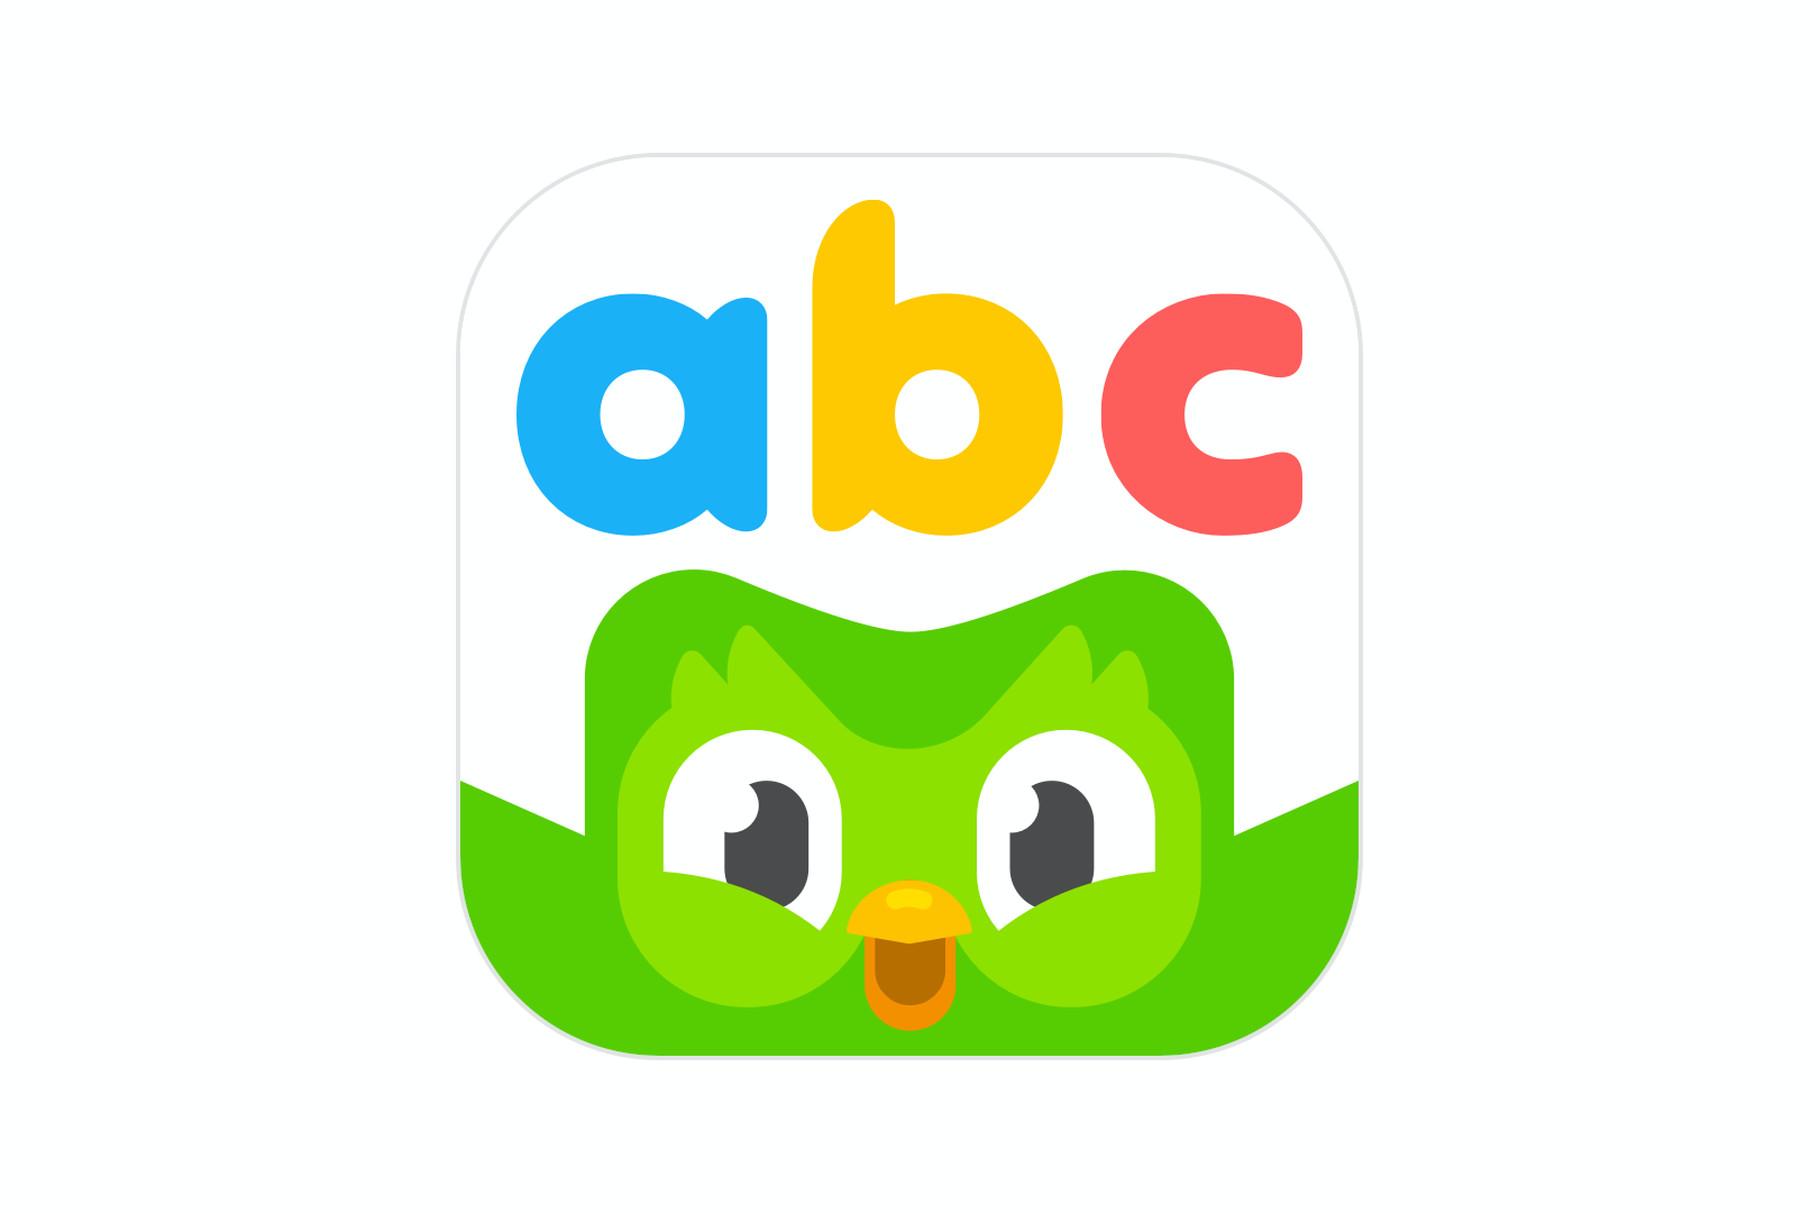 Duolingo ABC es una aplicación gratuita para iOS que ayuda a los niños a aprender a leer